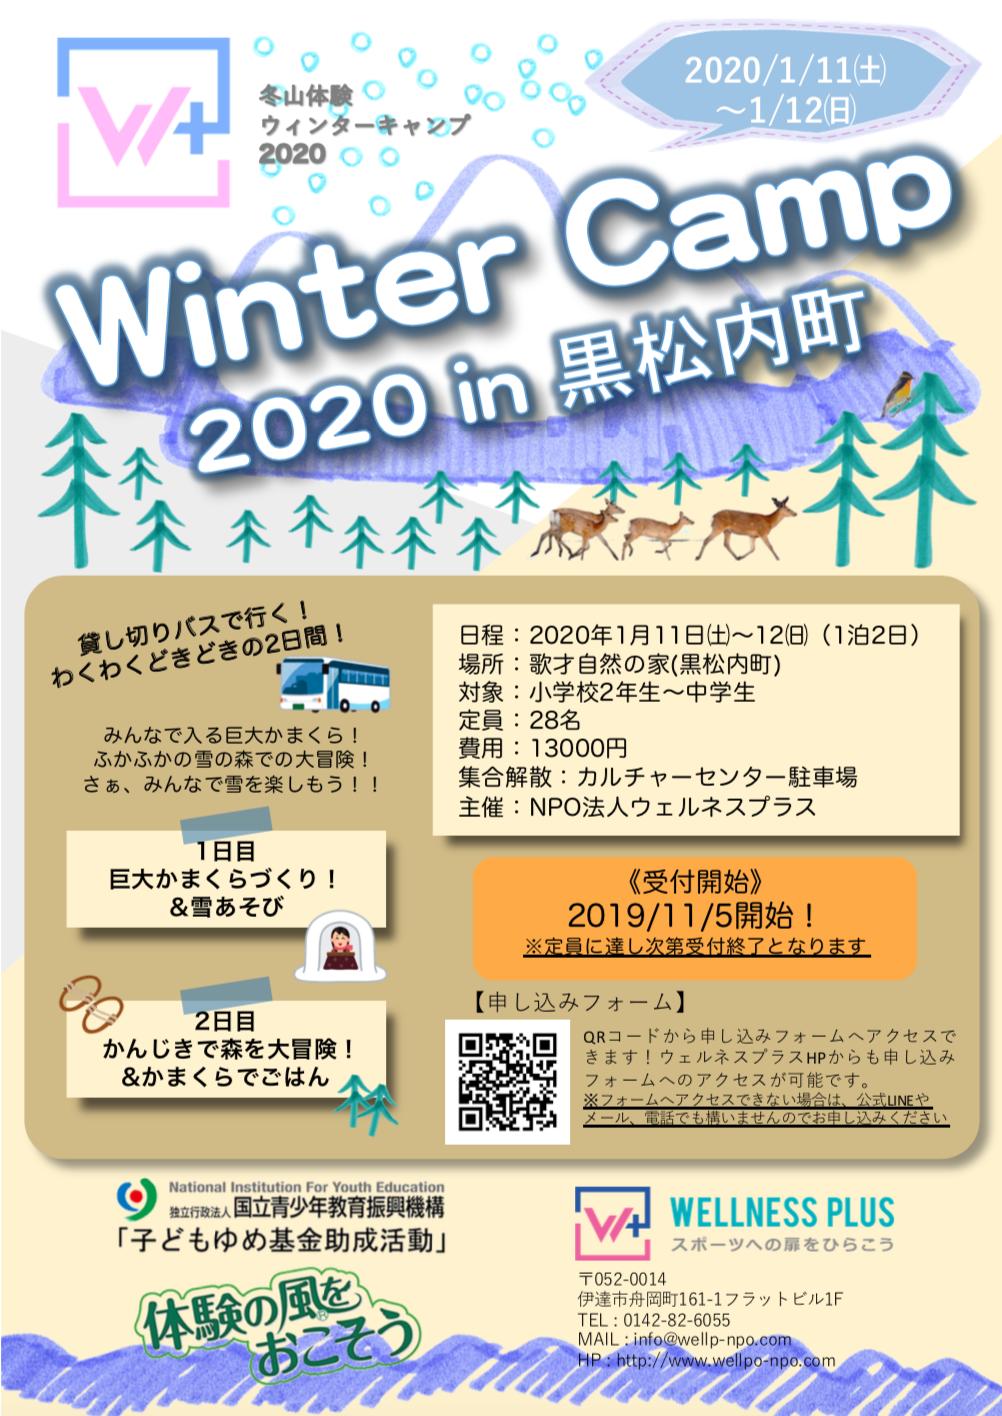 冬山体験ウィンターキャンプ2020in黒松内!申込みはコチラをクリック!